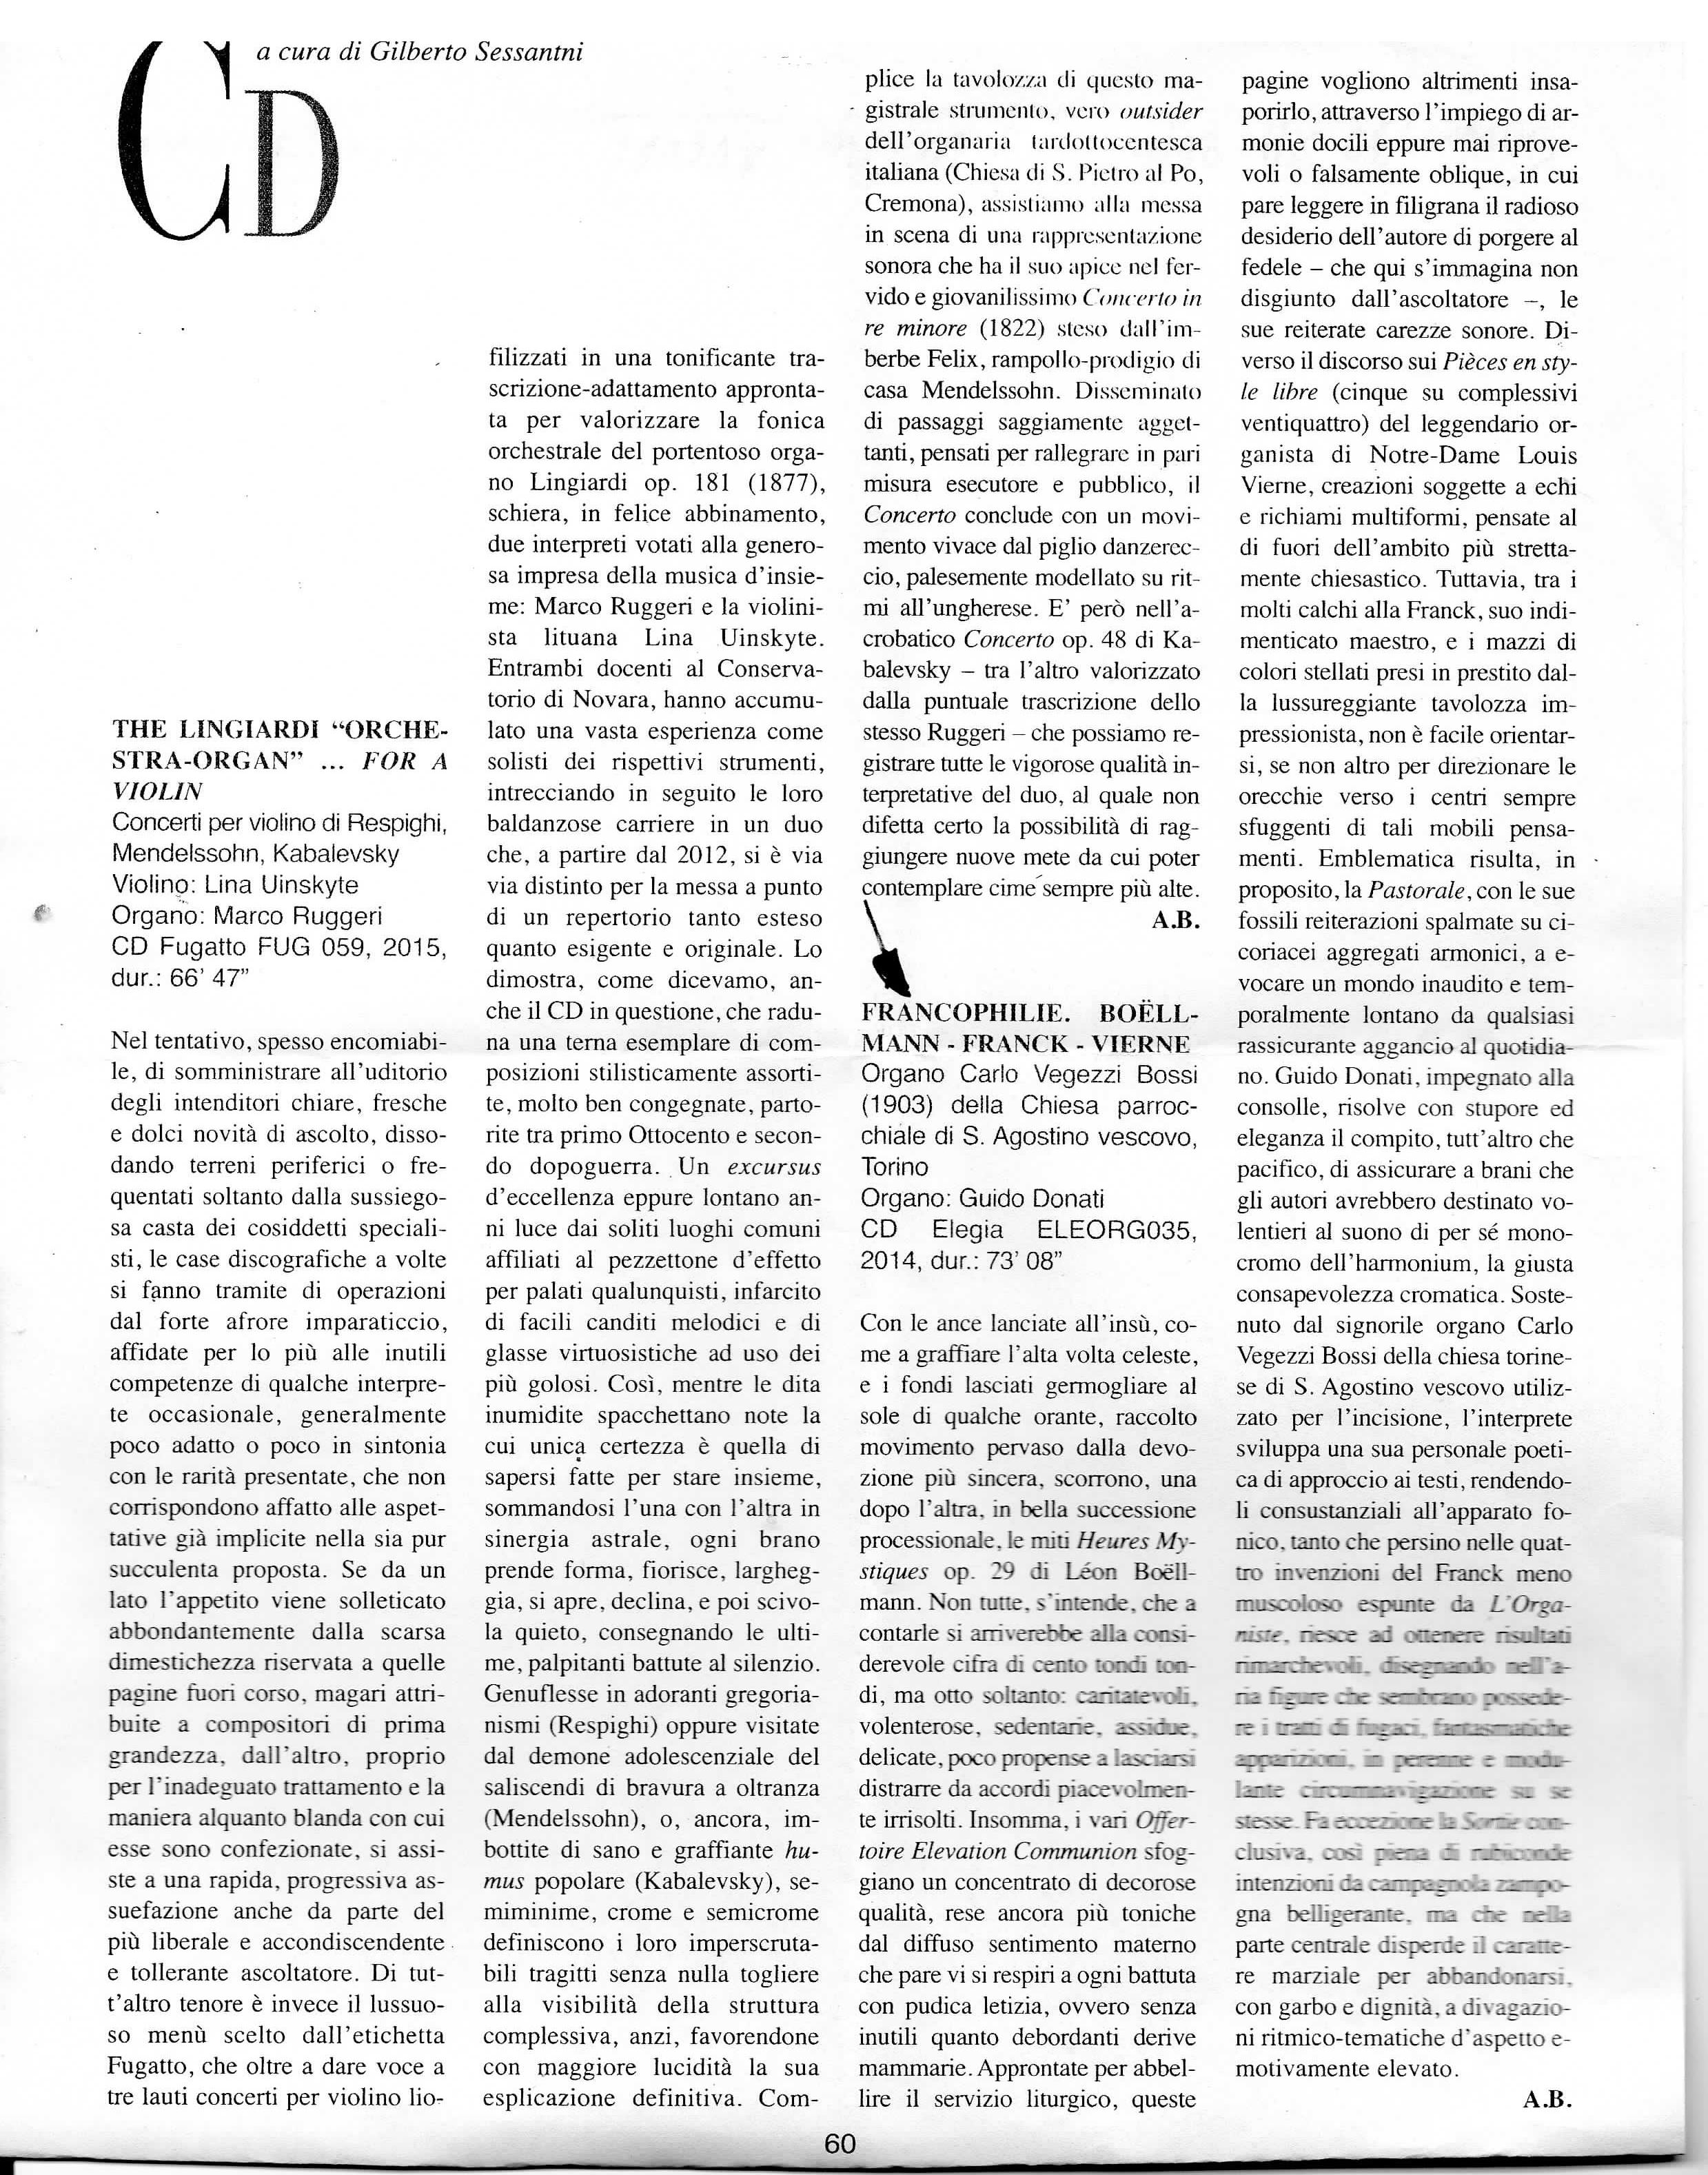 articolo recensione_Arte Organaria Organistica_Guido Donati